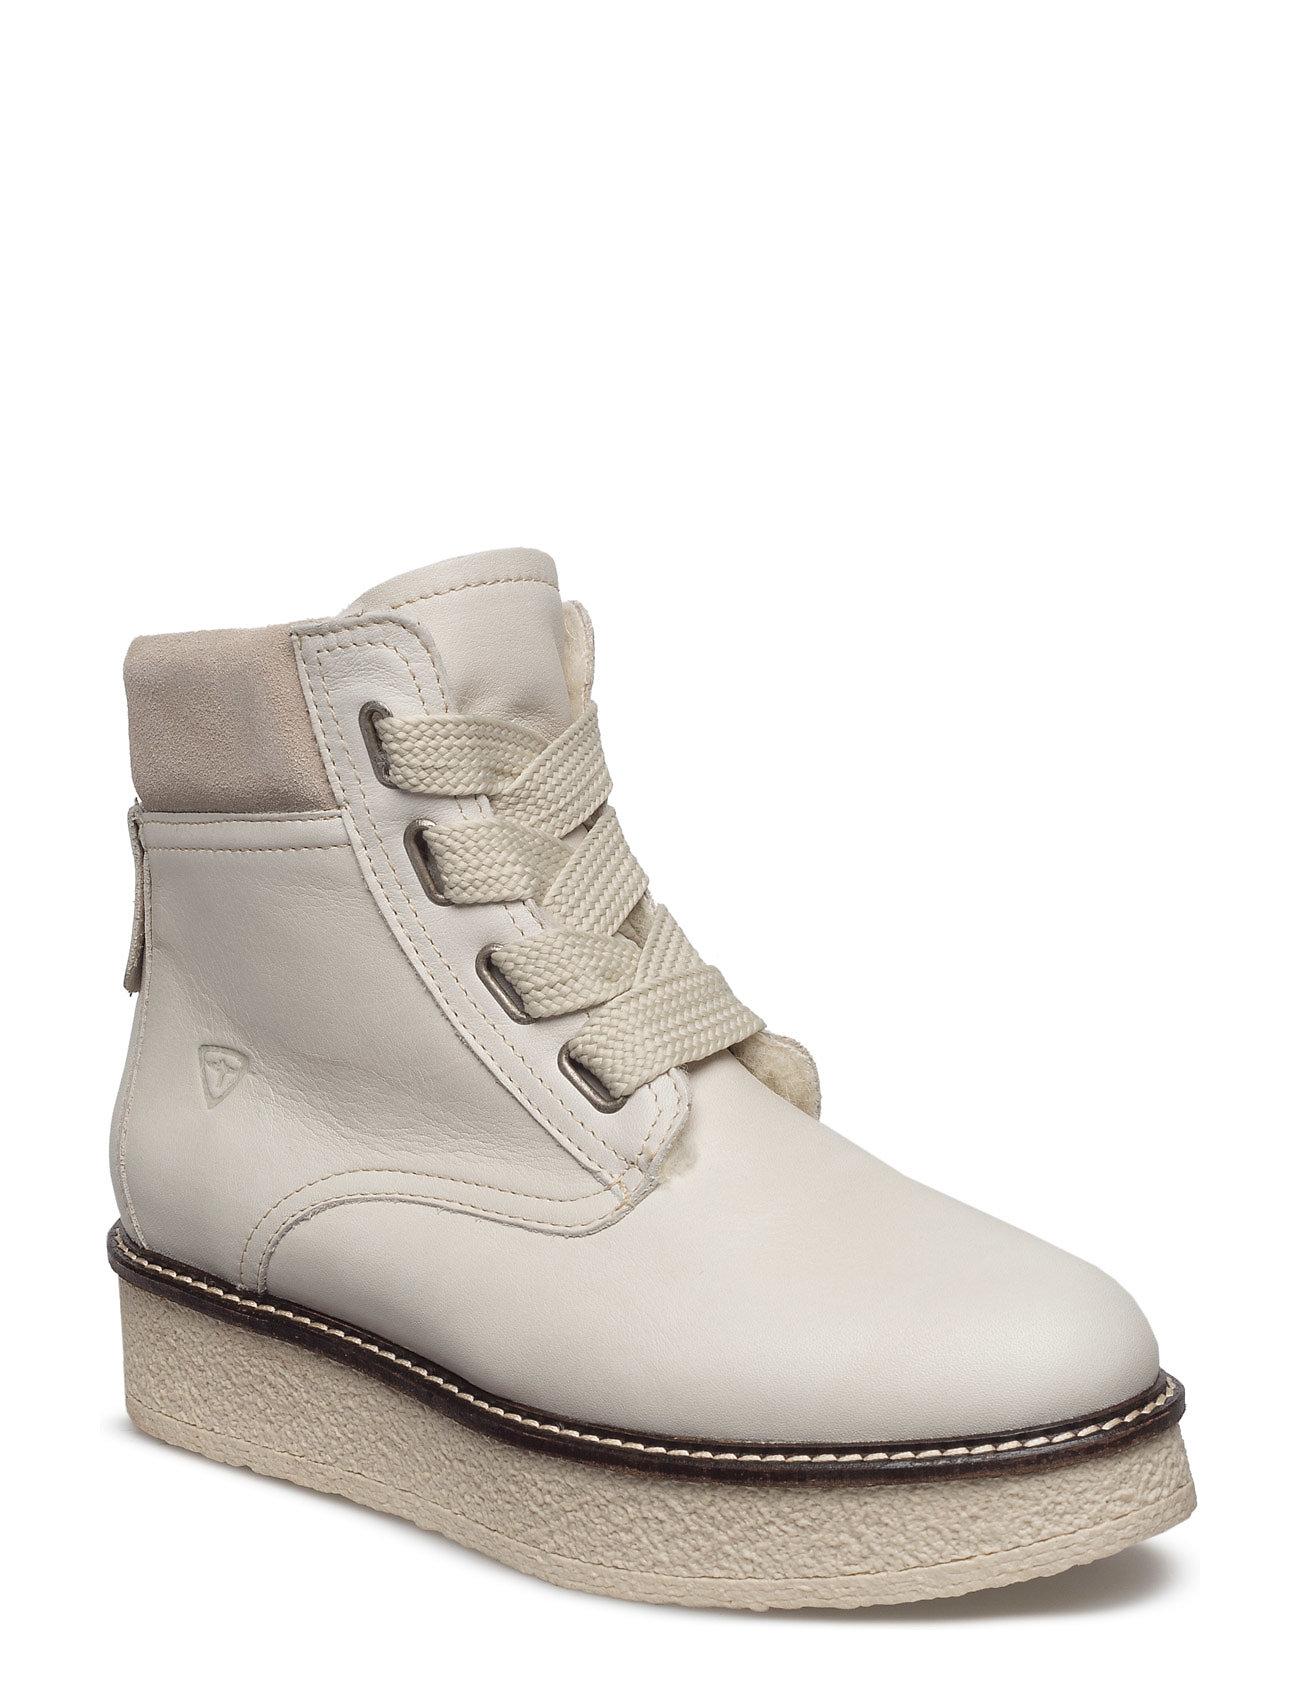 Woms boots - nadia fra tamaris på boozt.com dk